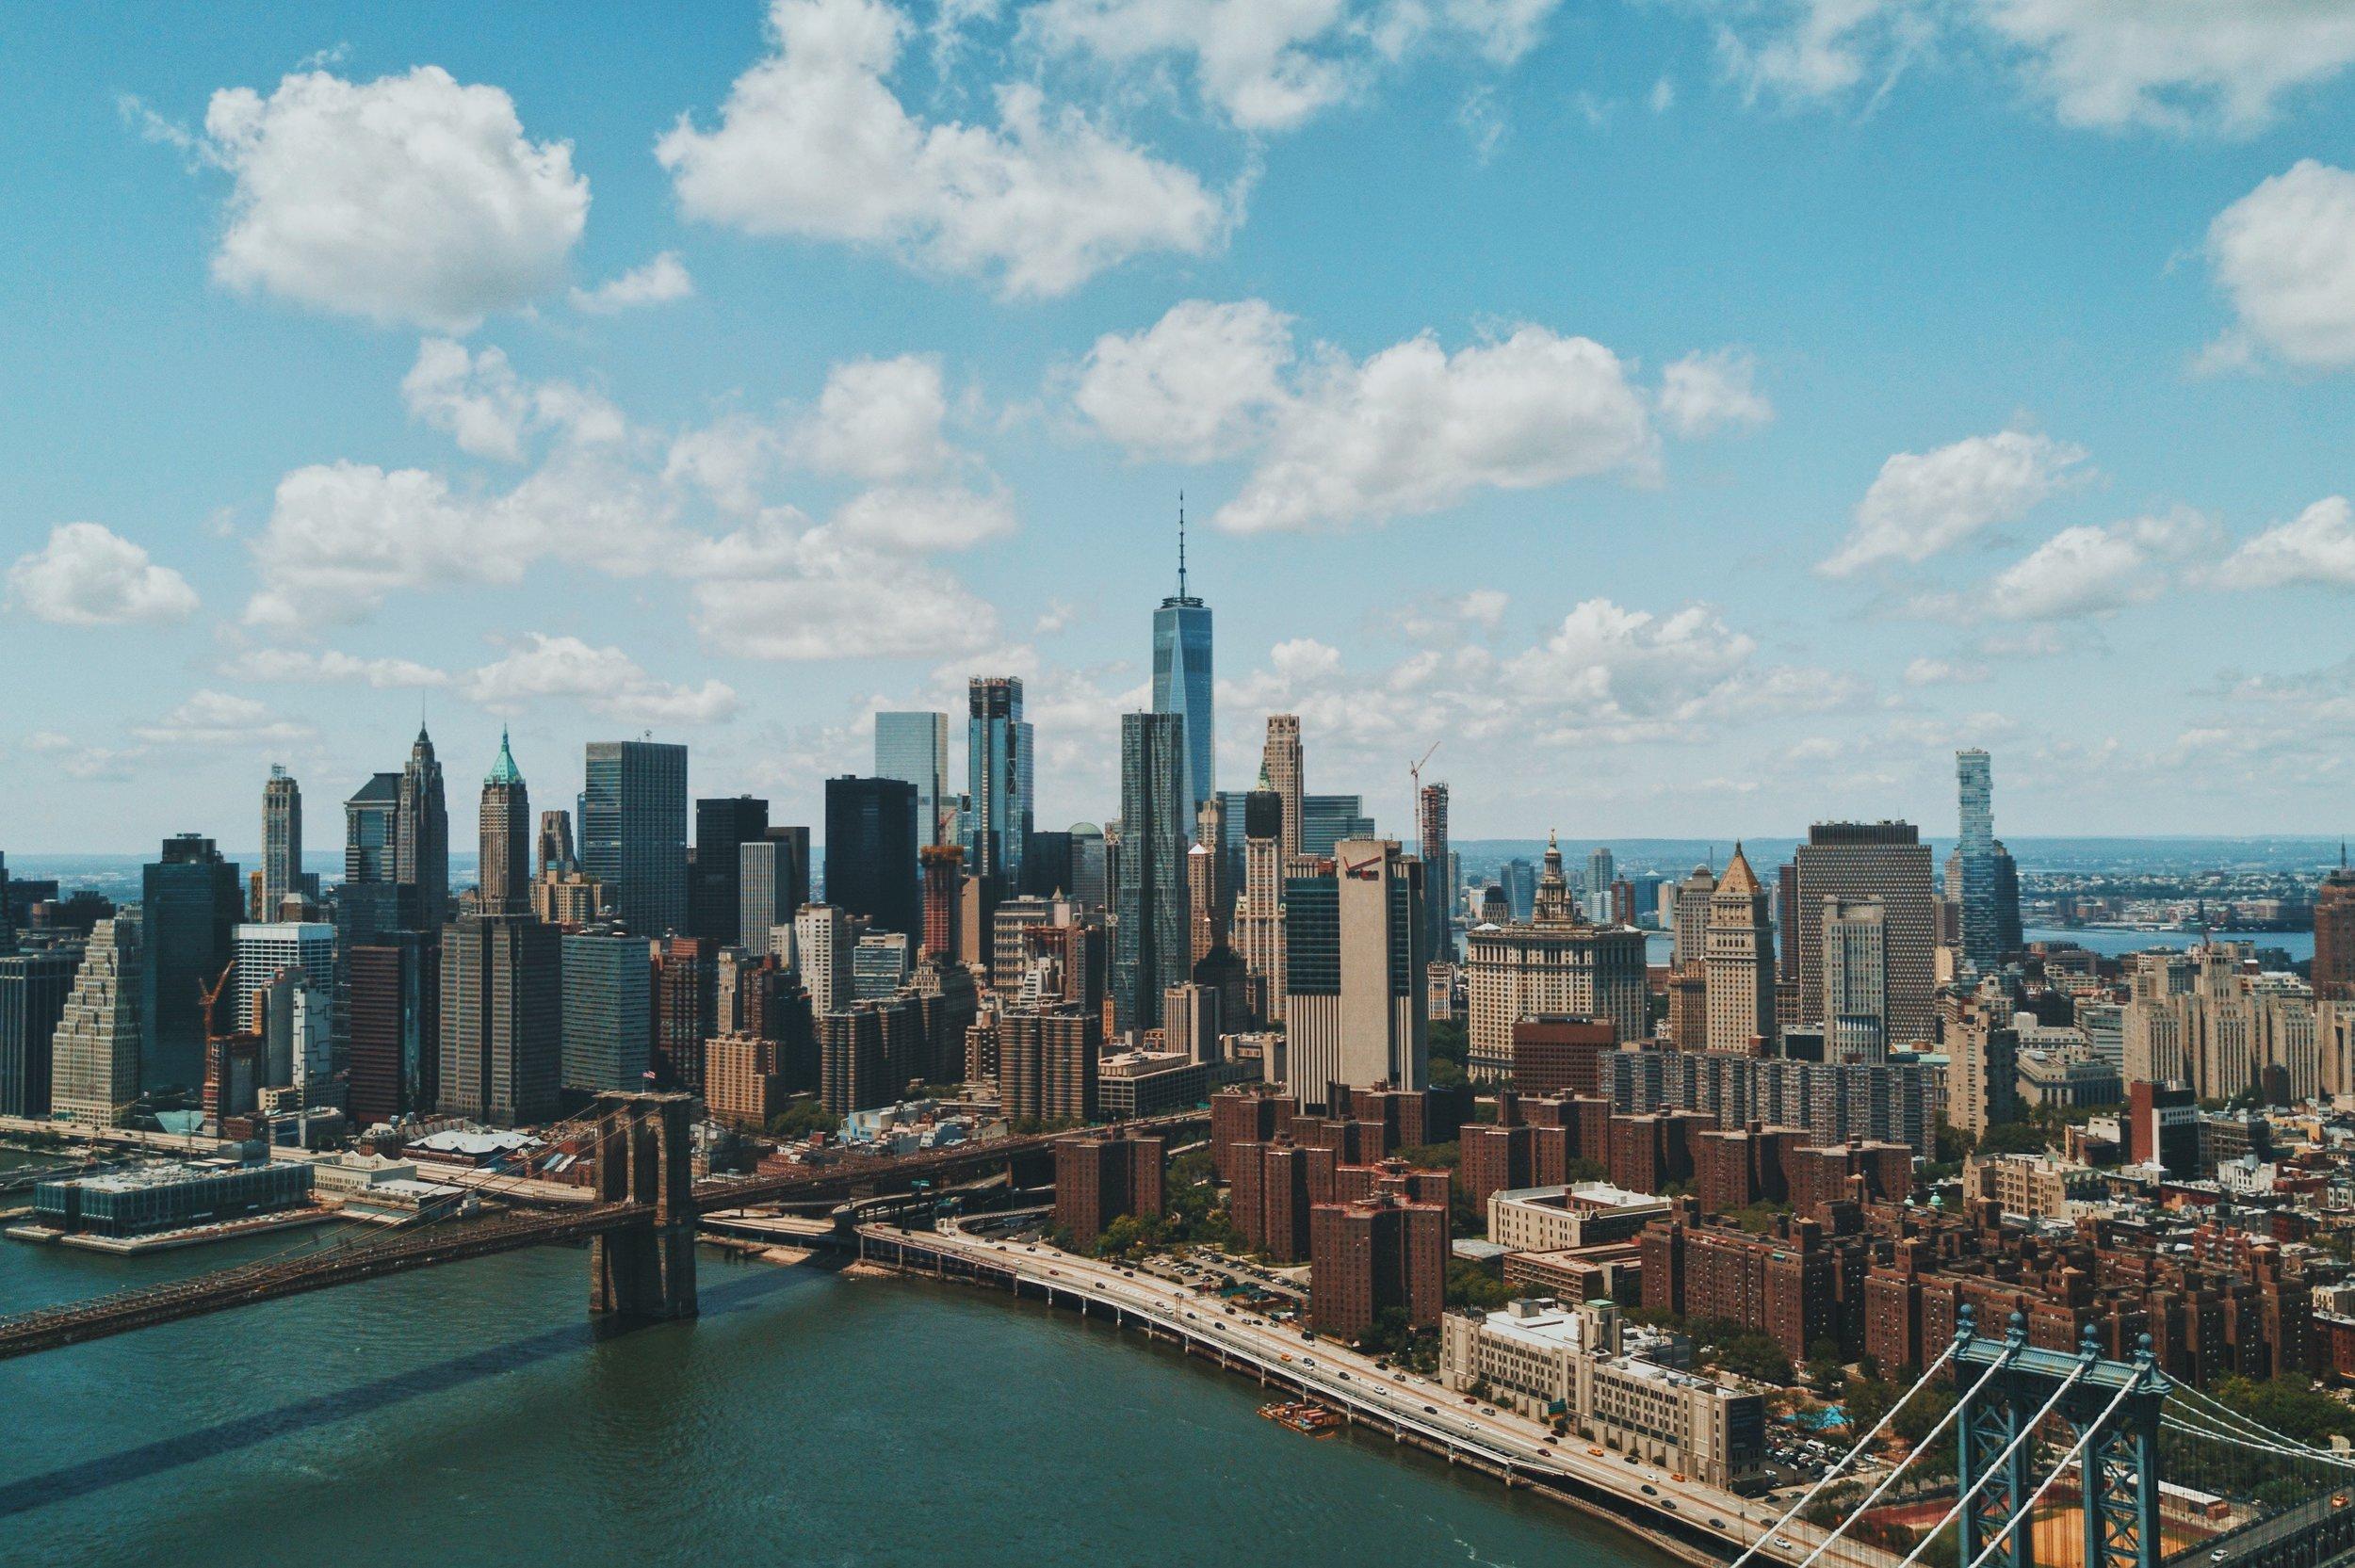 devivre_concierge_calendar_concierge_services_new_york_city_july.jpg